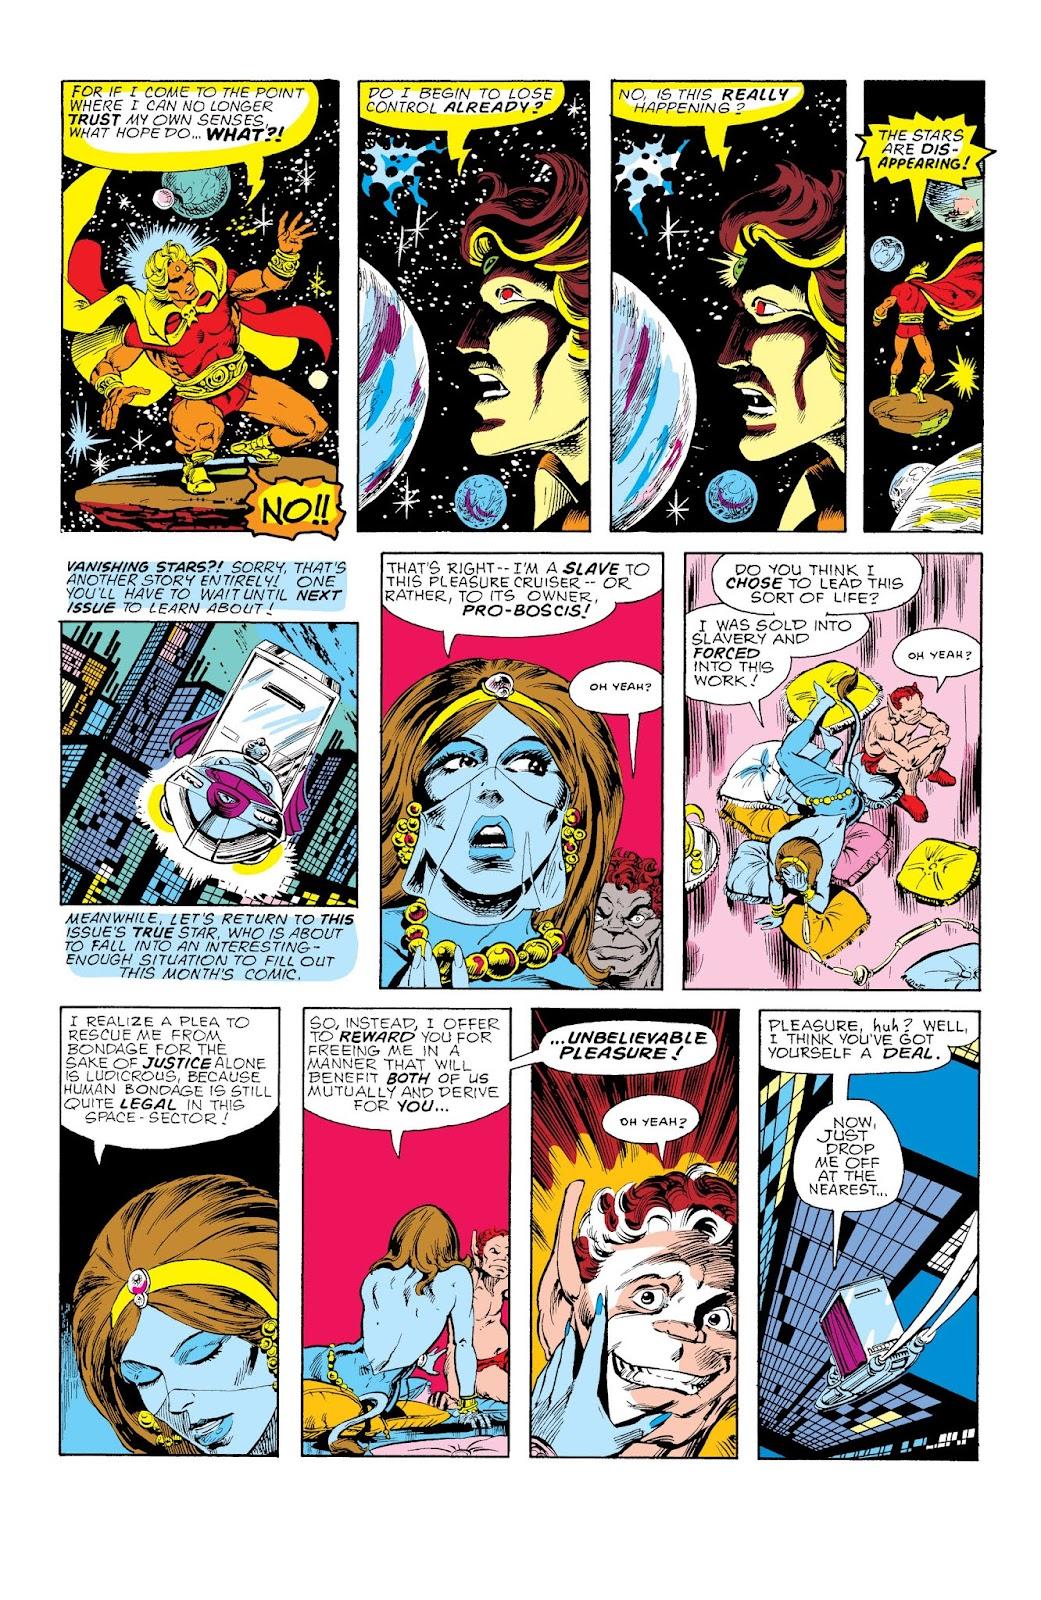 Read online Warlock by Jim Starlin comic -  Issue # TPB (Part 2) - 39